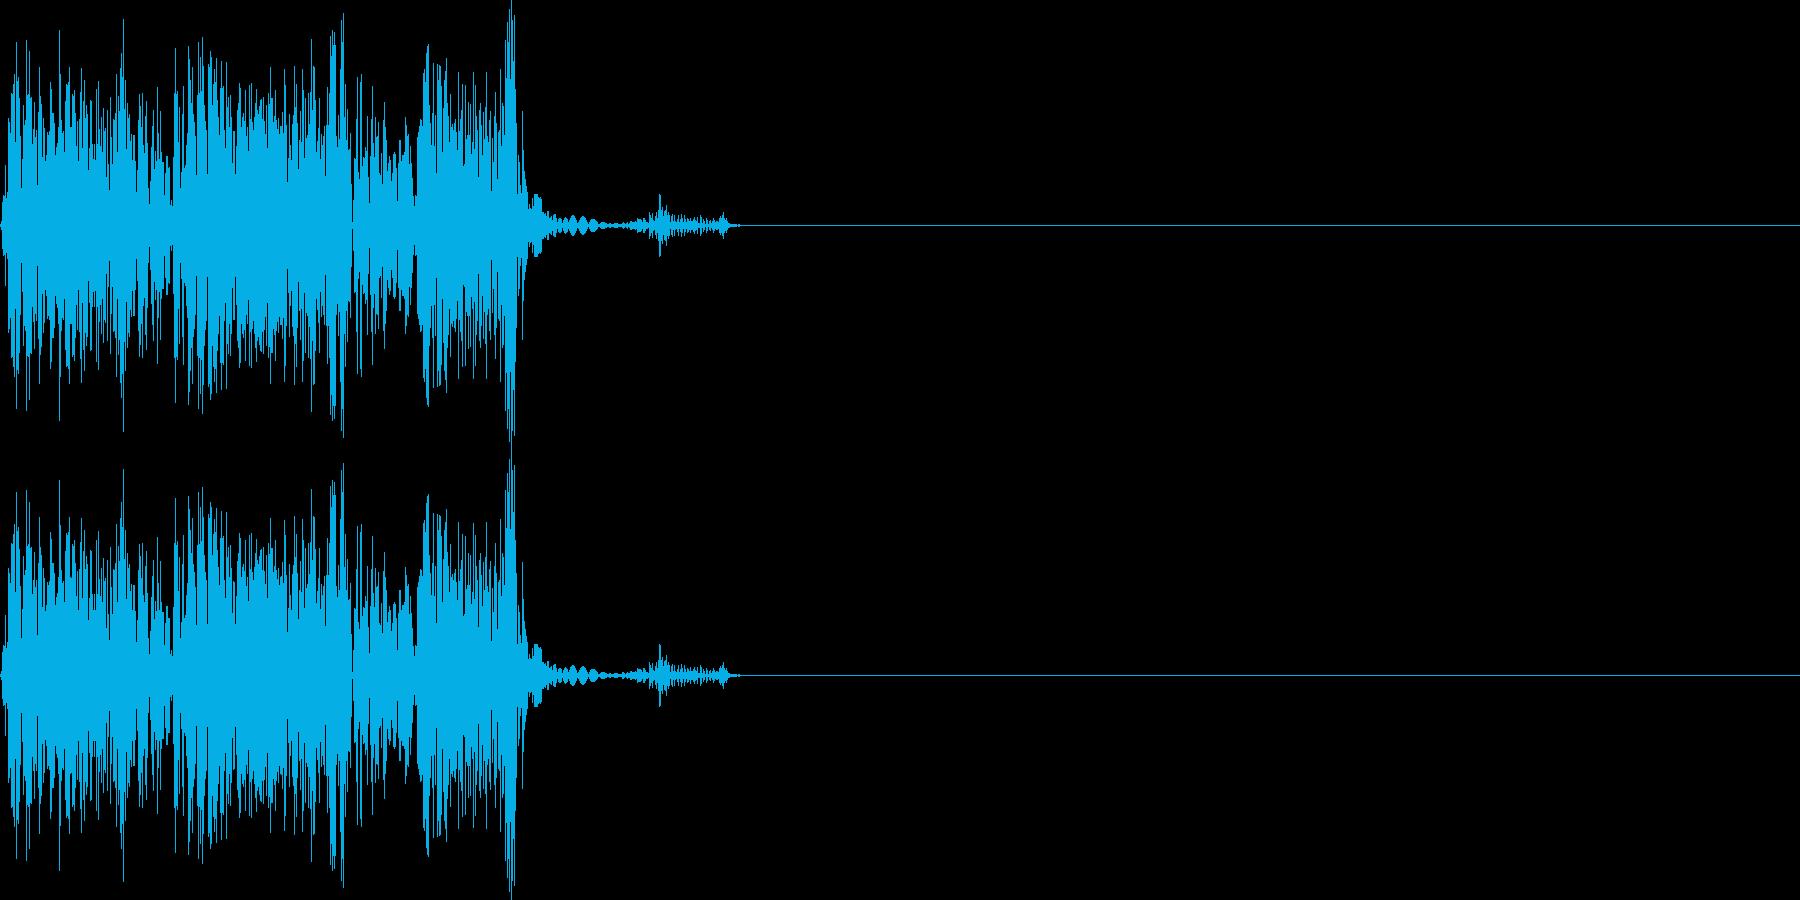 シュピッ(ダメージ_攻撃_逃げる_高音)の再生済みの波形